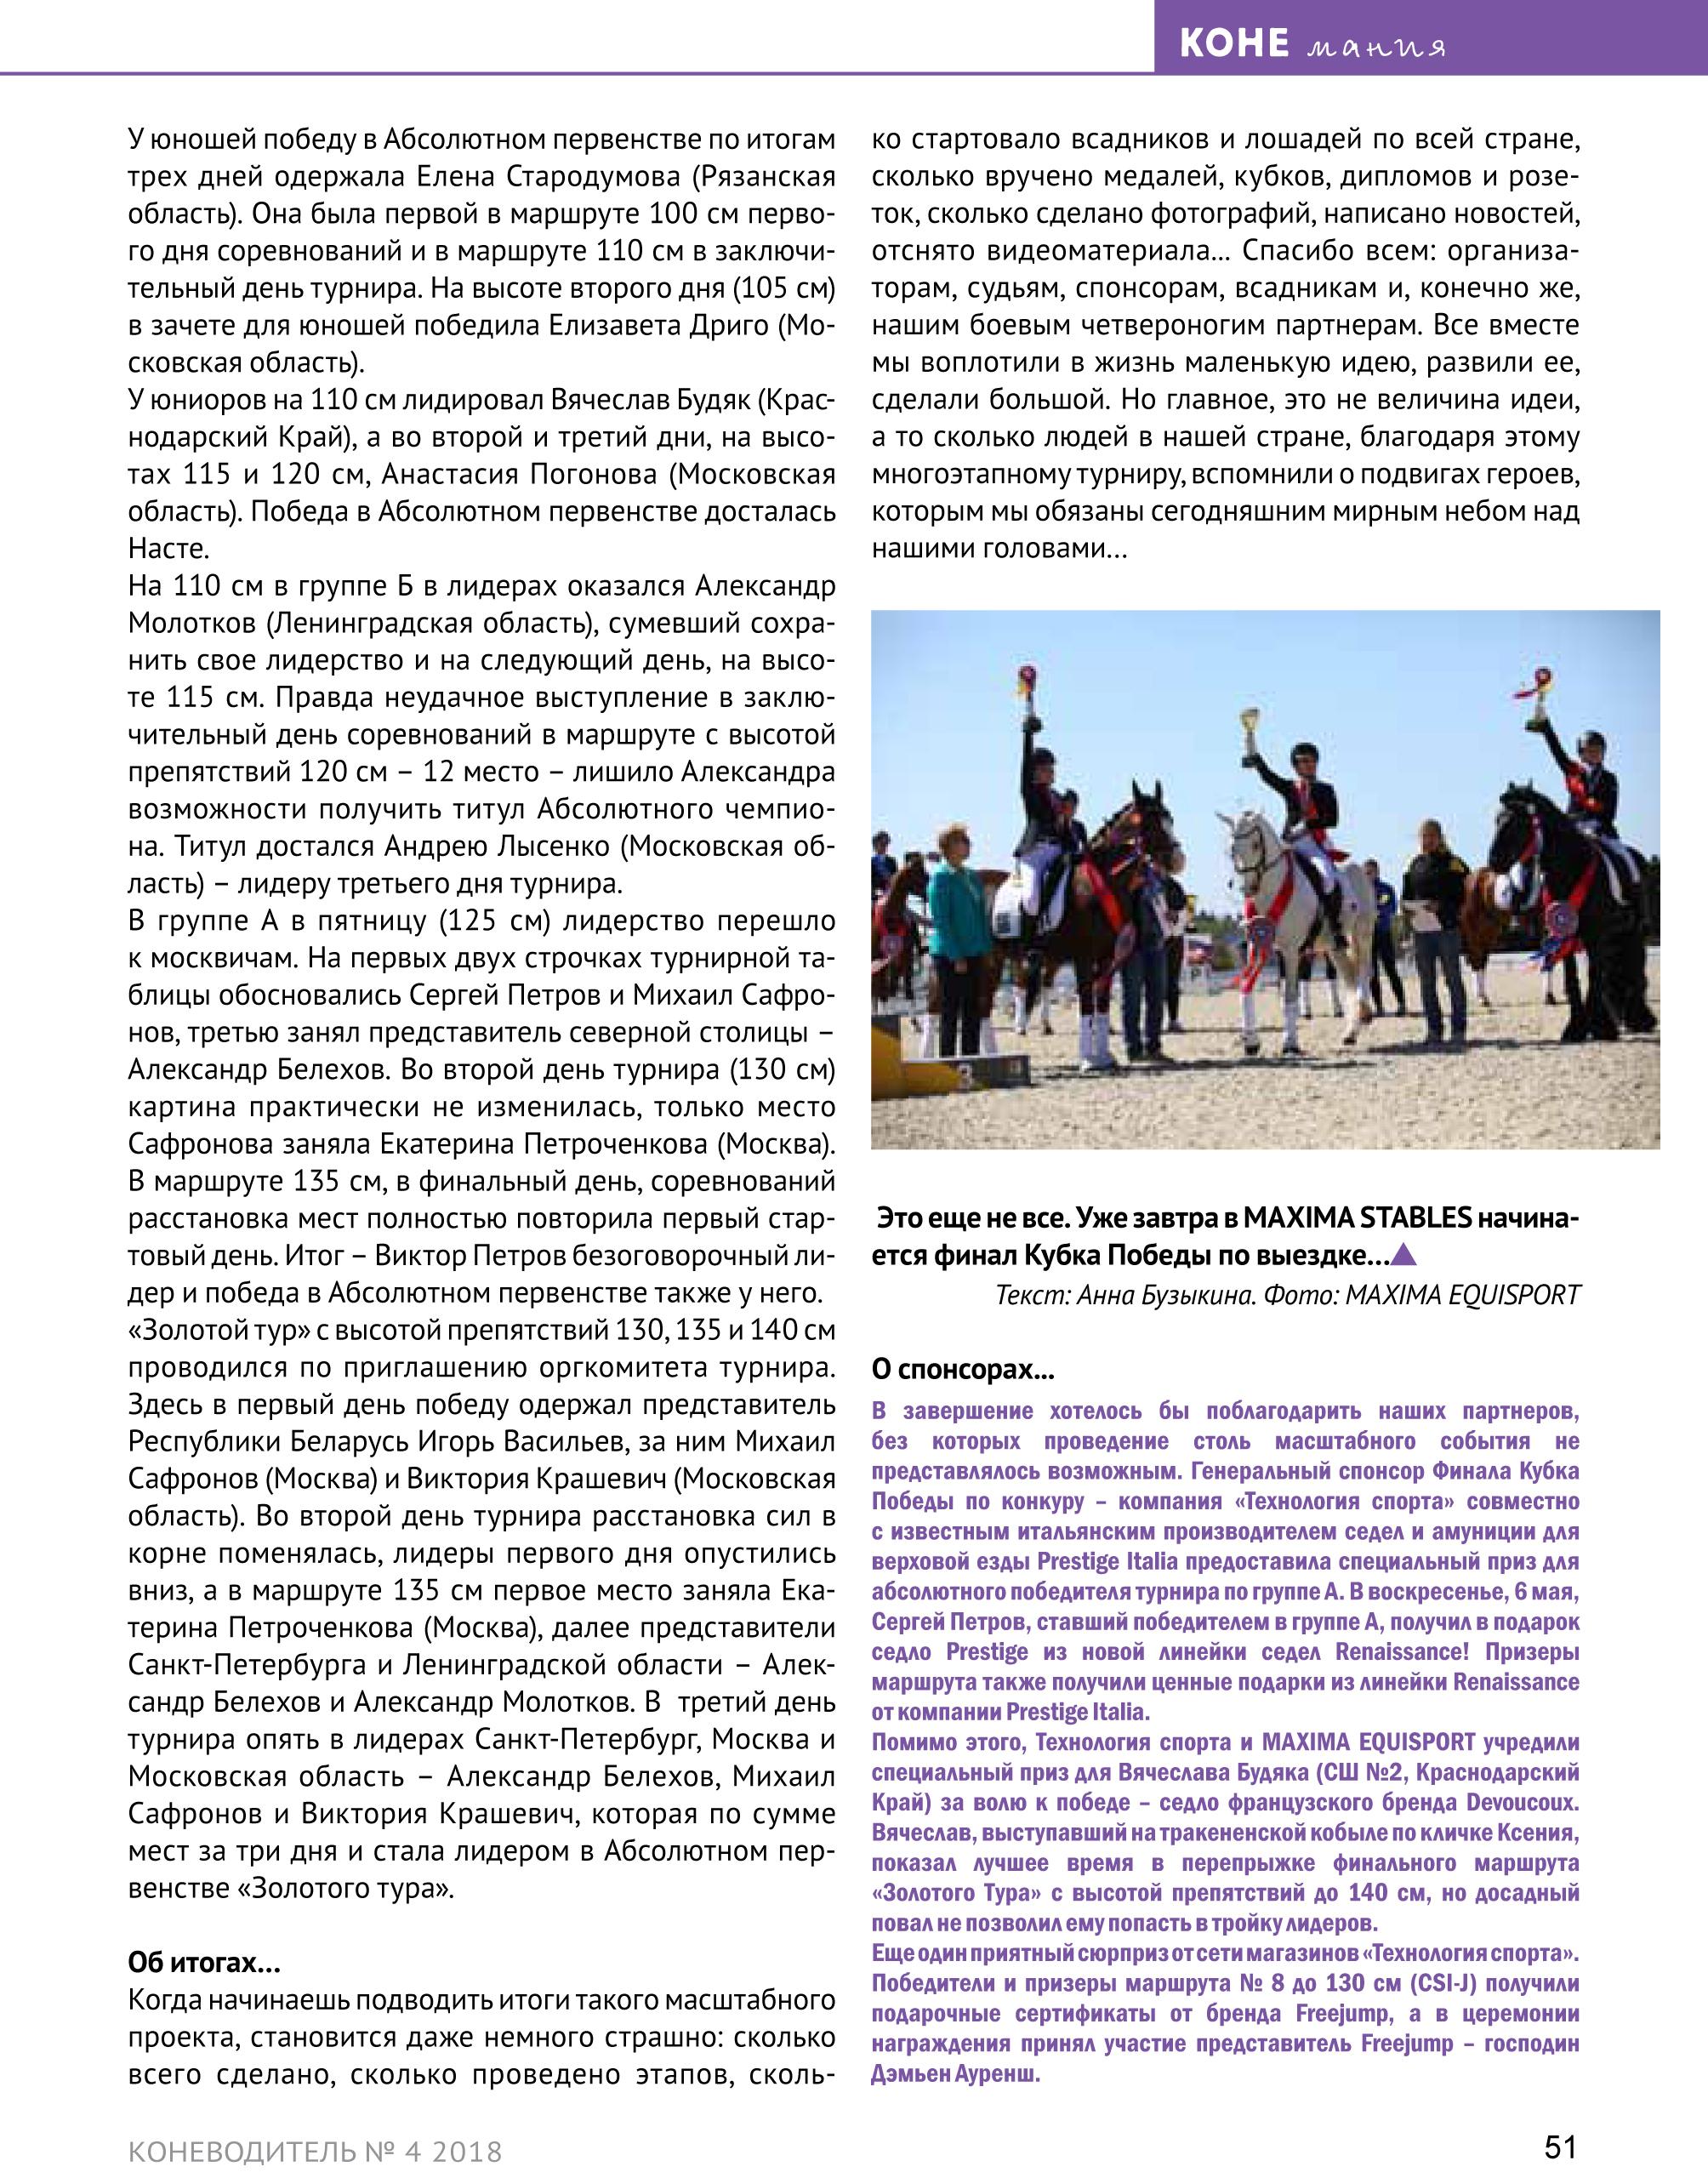 Book КОНЕВОДИТЕЛЬ 4_ proof-51